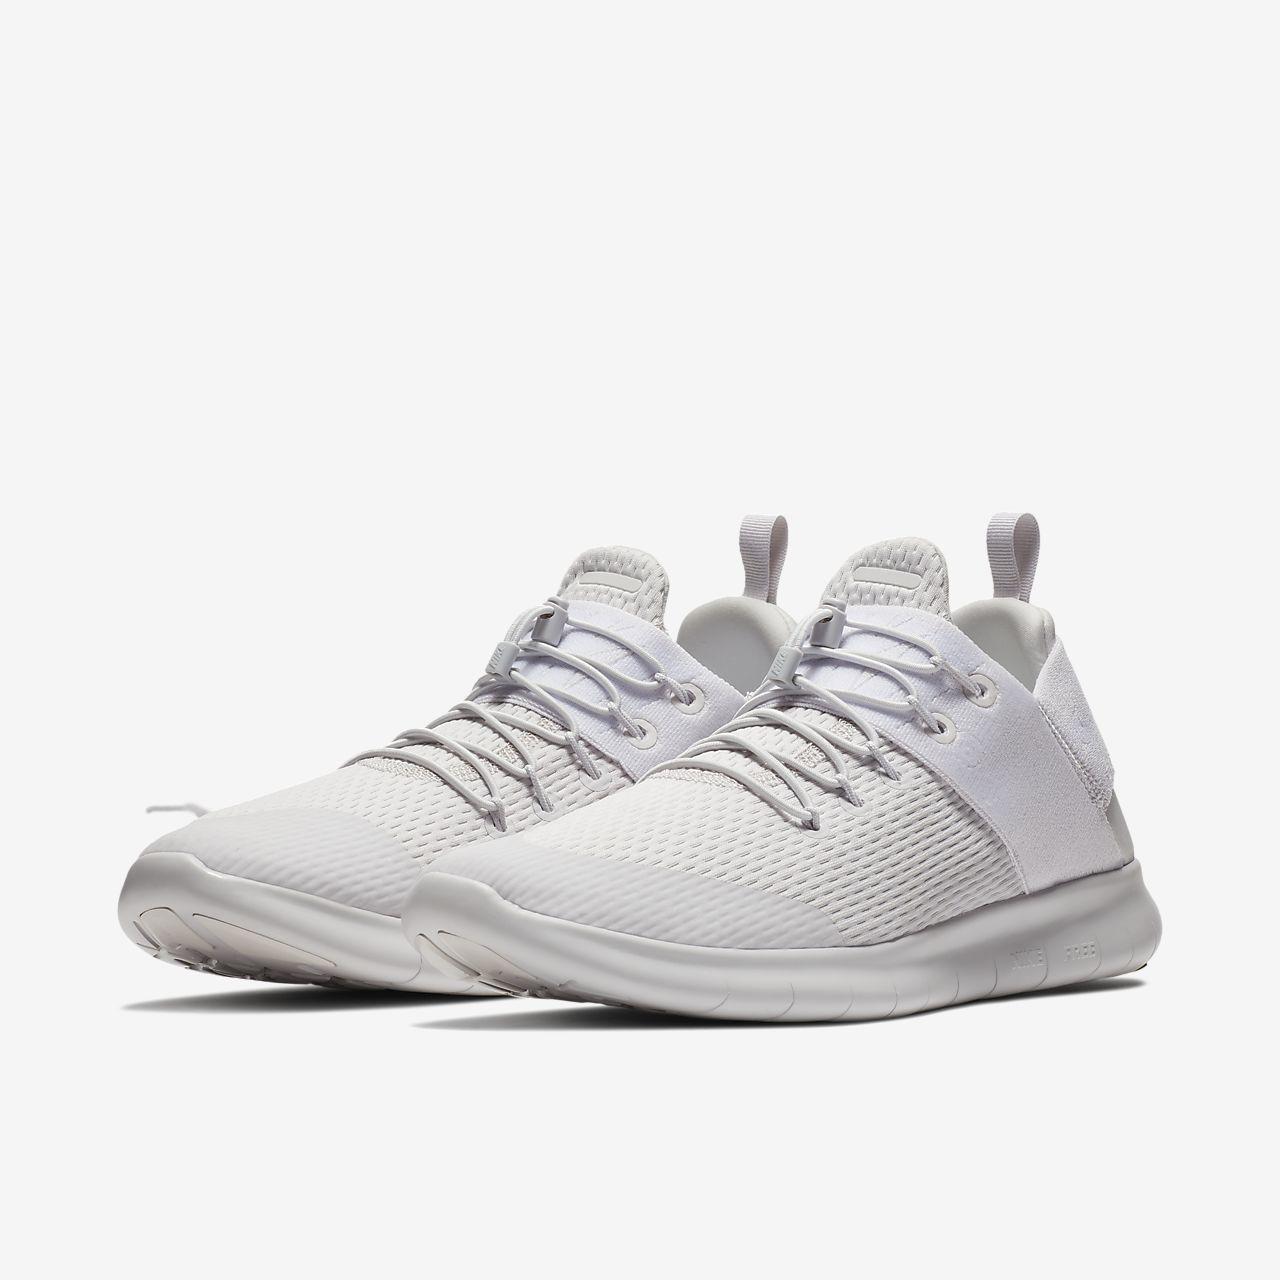 best loved 8924b 5107f Nike Free Rn Commuter 2017 Running schoenen grijs grijs Goedkope Winkel  9cg77orZ